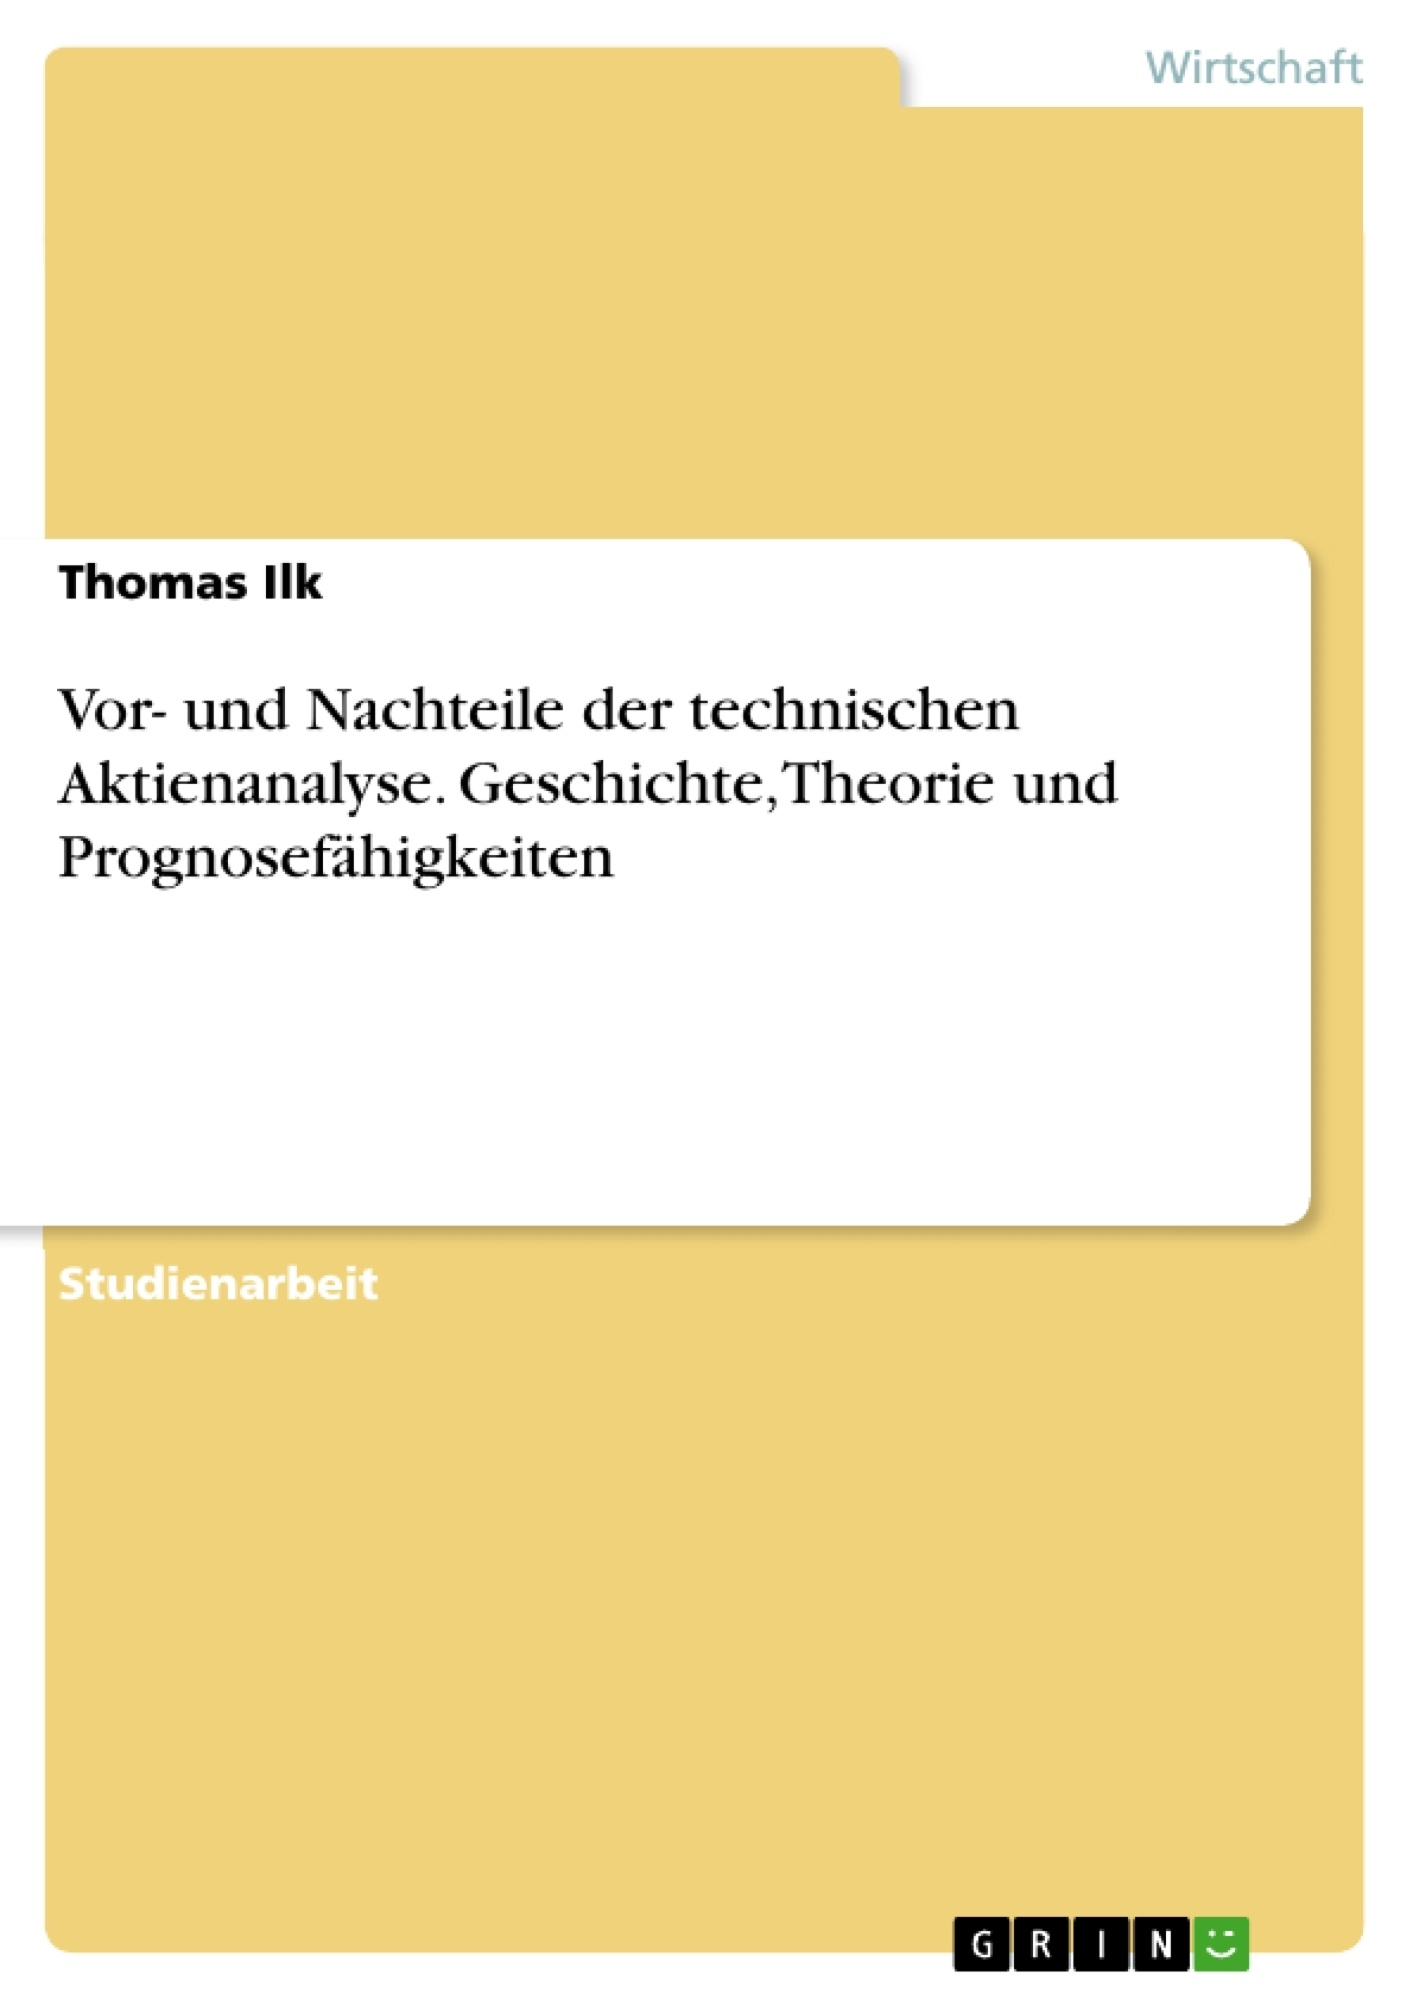 Titel: Vor- und Nachteile der technischen Aktienanalyse. Geschichte, Theorie und Prognosefähigkeiten